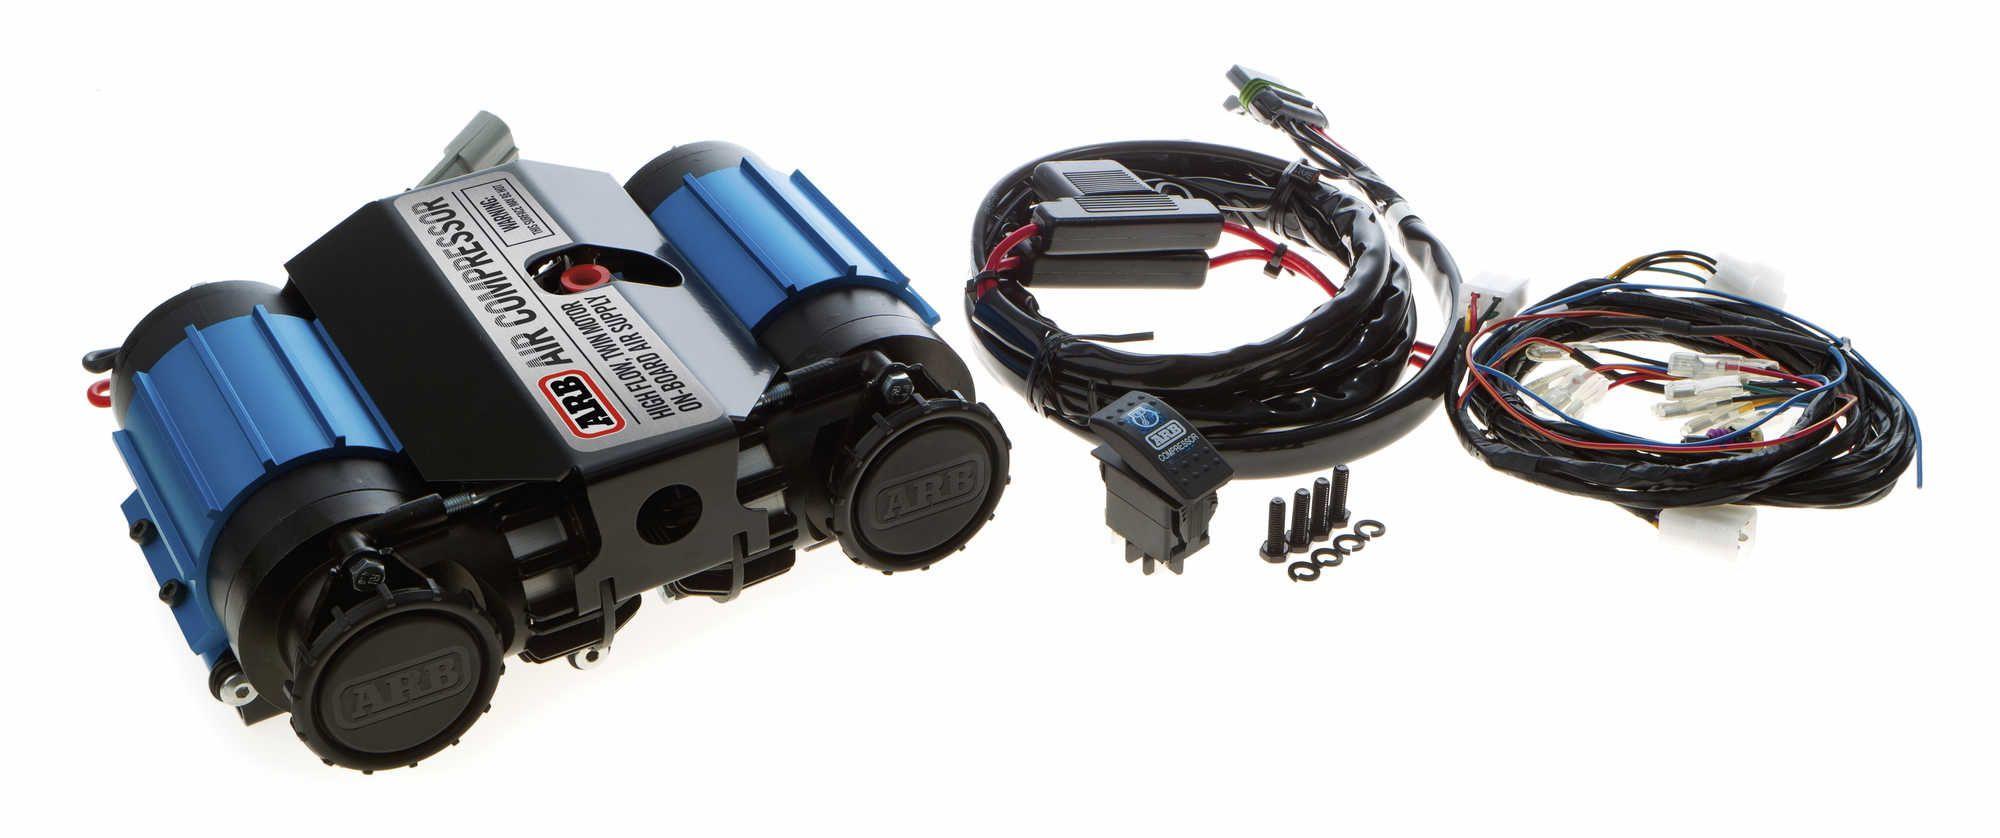 ARB On Board Twin Air Compressor Kit 4x4 accessories